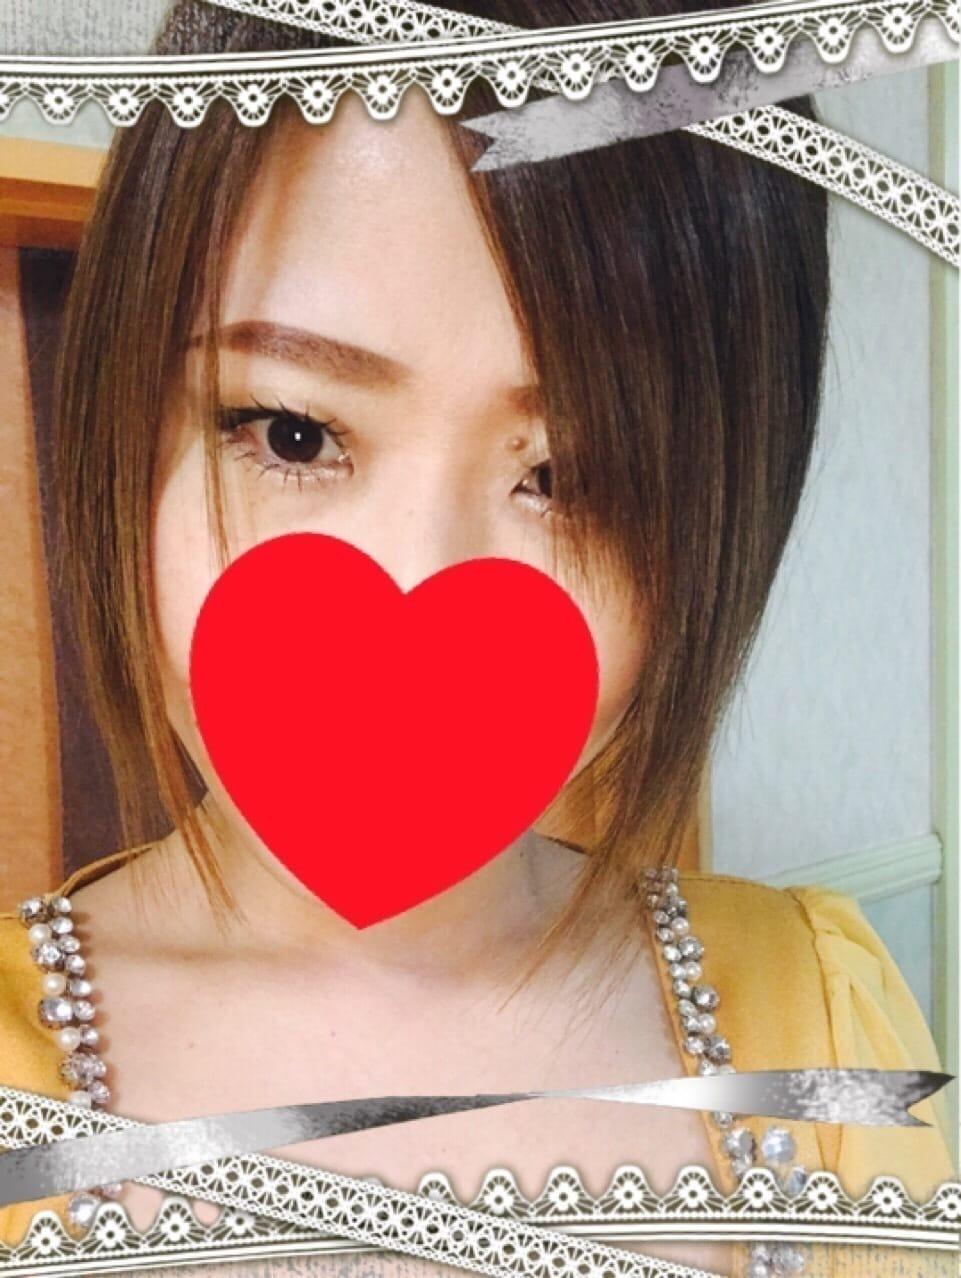 「木曜日のお礼」04/22(日) 09:26   れんの写メ・風俗動画